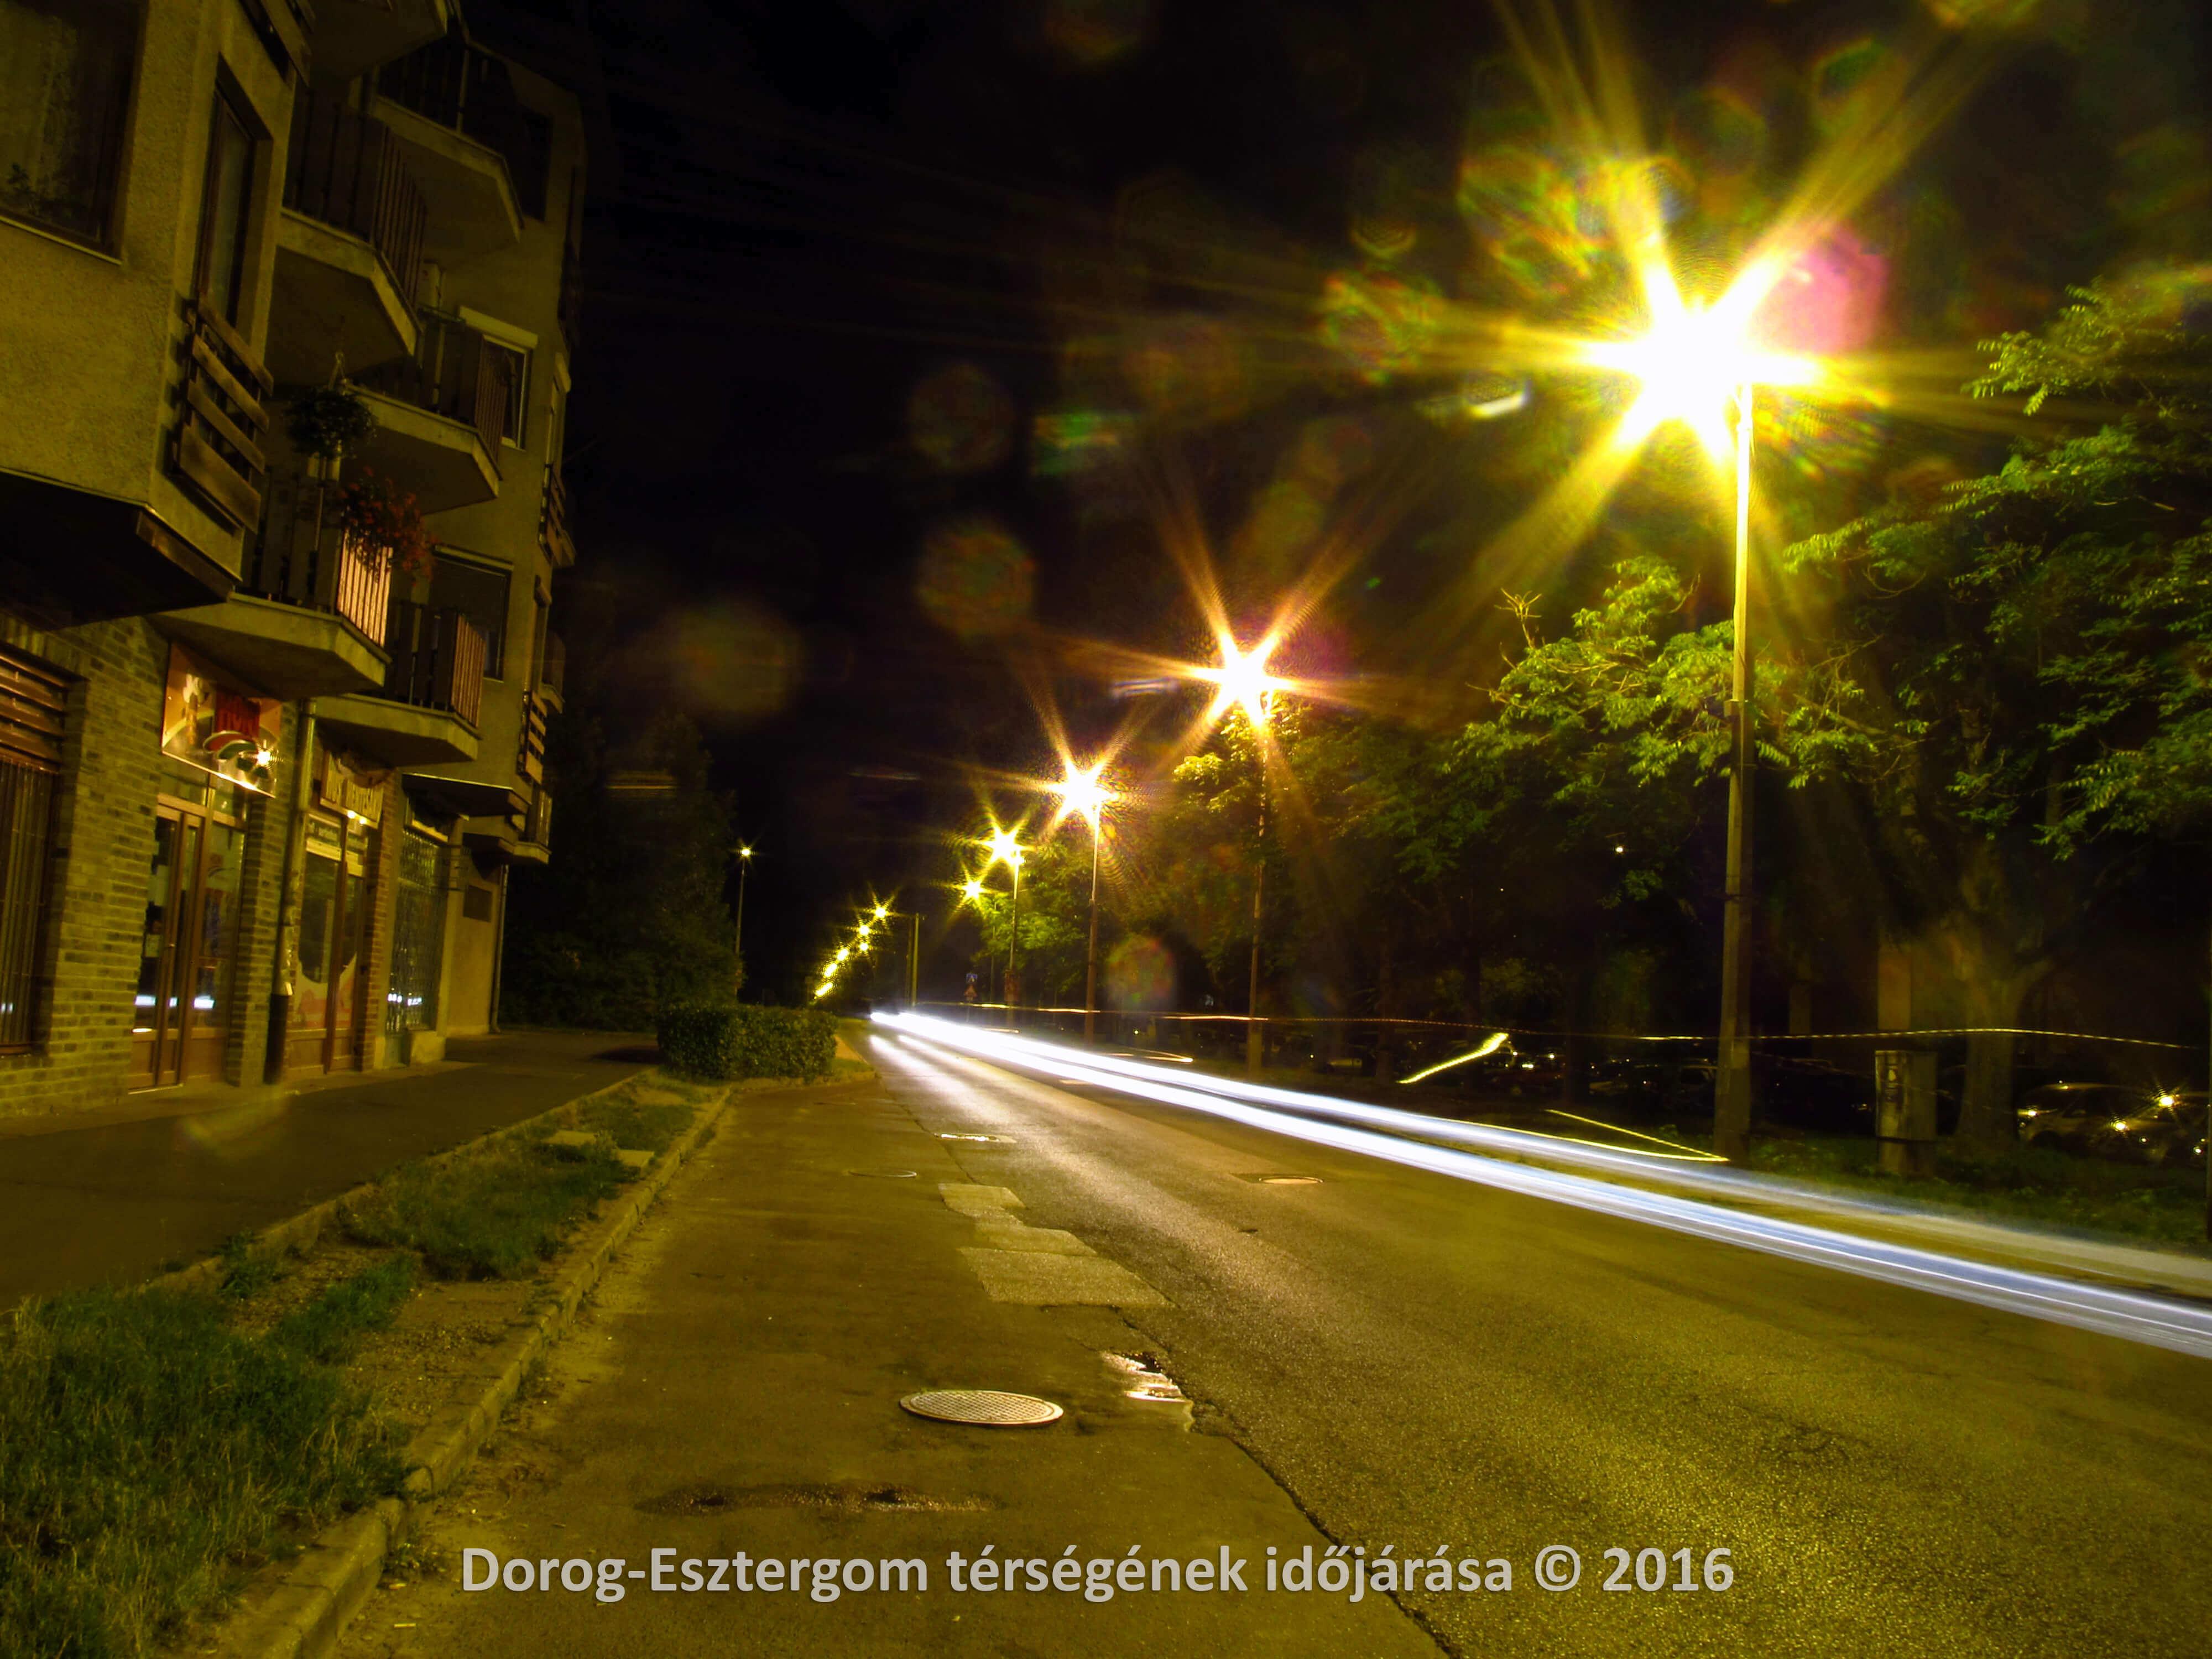 Éjszakai utcakép Dorogról 2016.07.21-én éjszaka